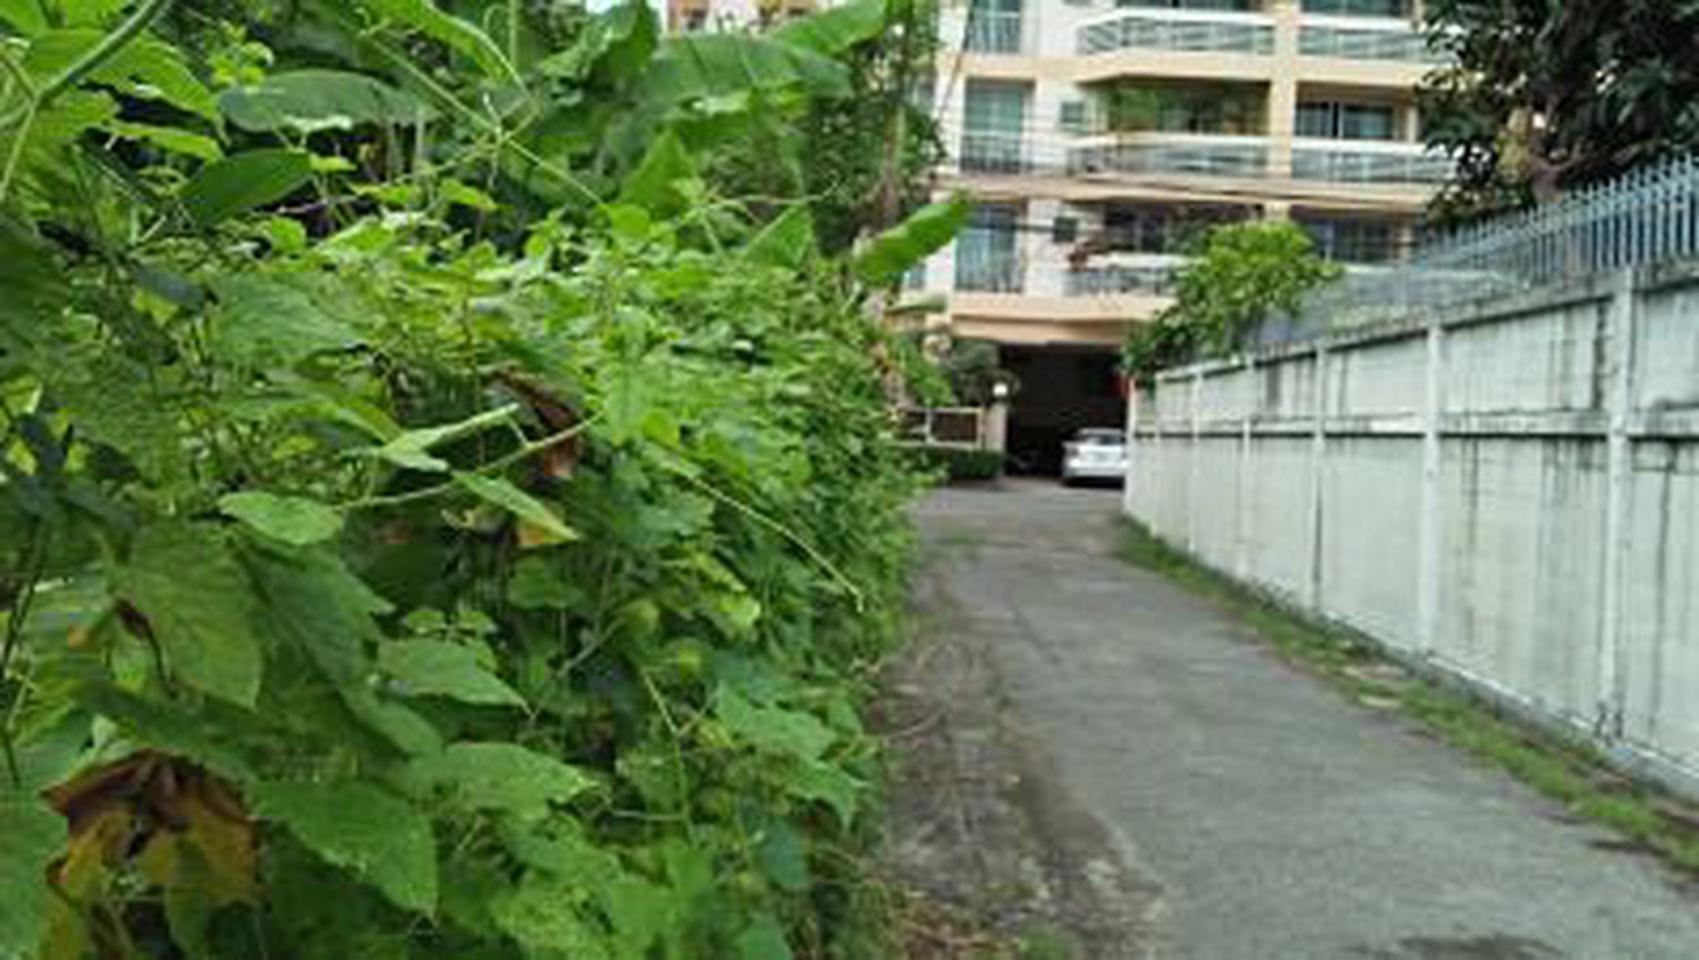 ให้เช่าที่ดิน พระโขนง แปลงเล็กๆติดถนนในซอย ช่วงสัญญา 1-6 ปี รูปที่ 6